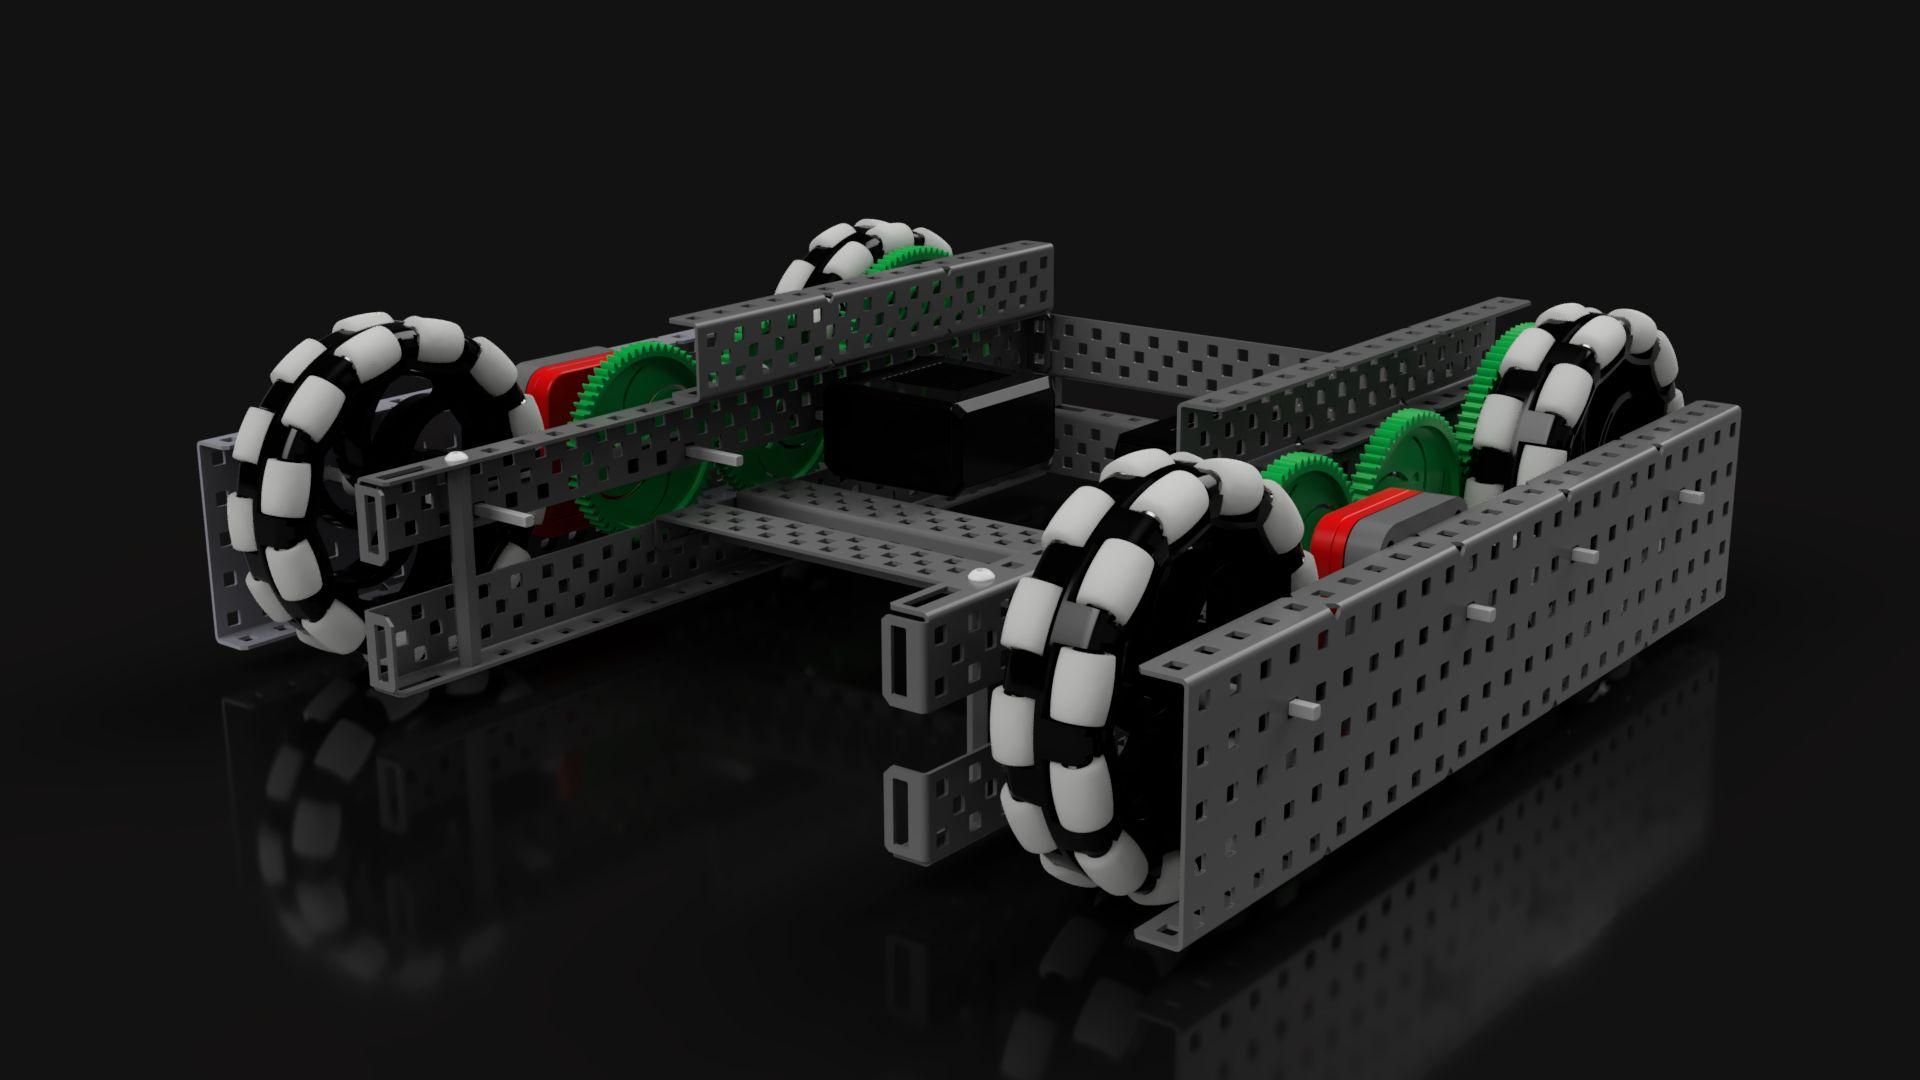 Robotic-traction---vex-robotics-v5-design-2019-jun-09-10-55-46pm-000-customizedview19620757384-png-3500-3500